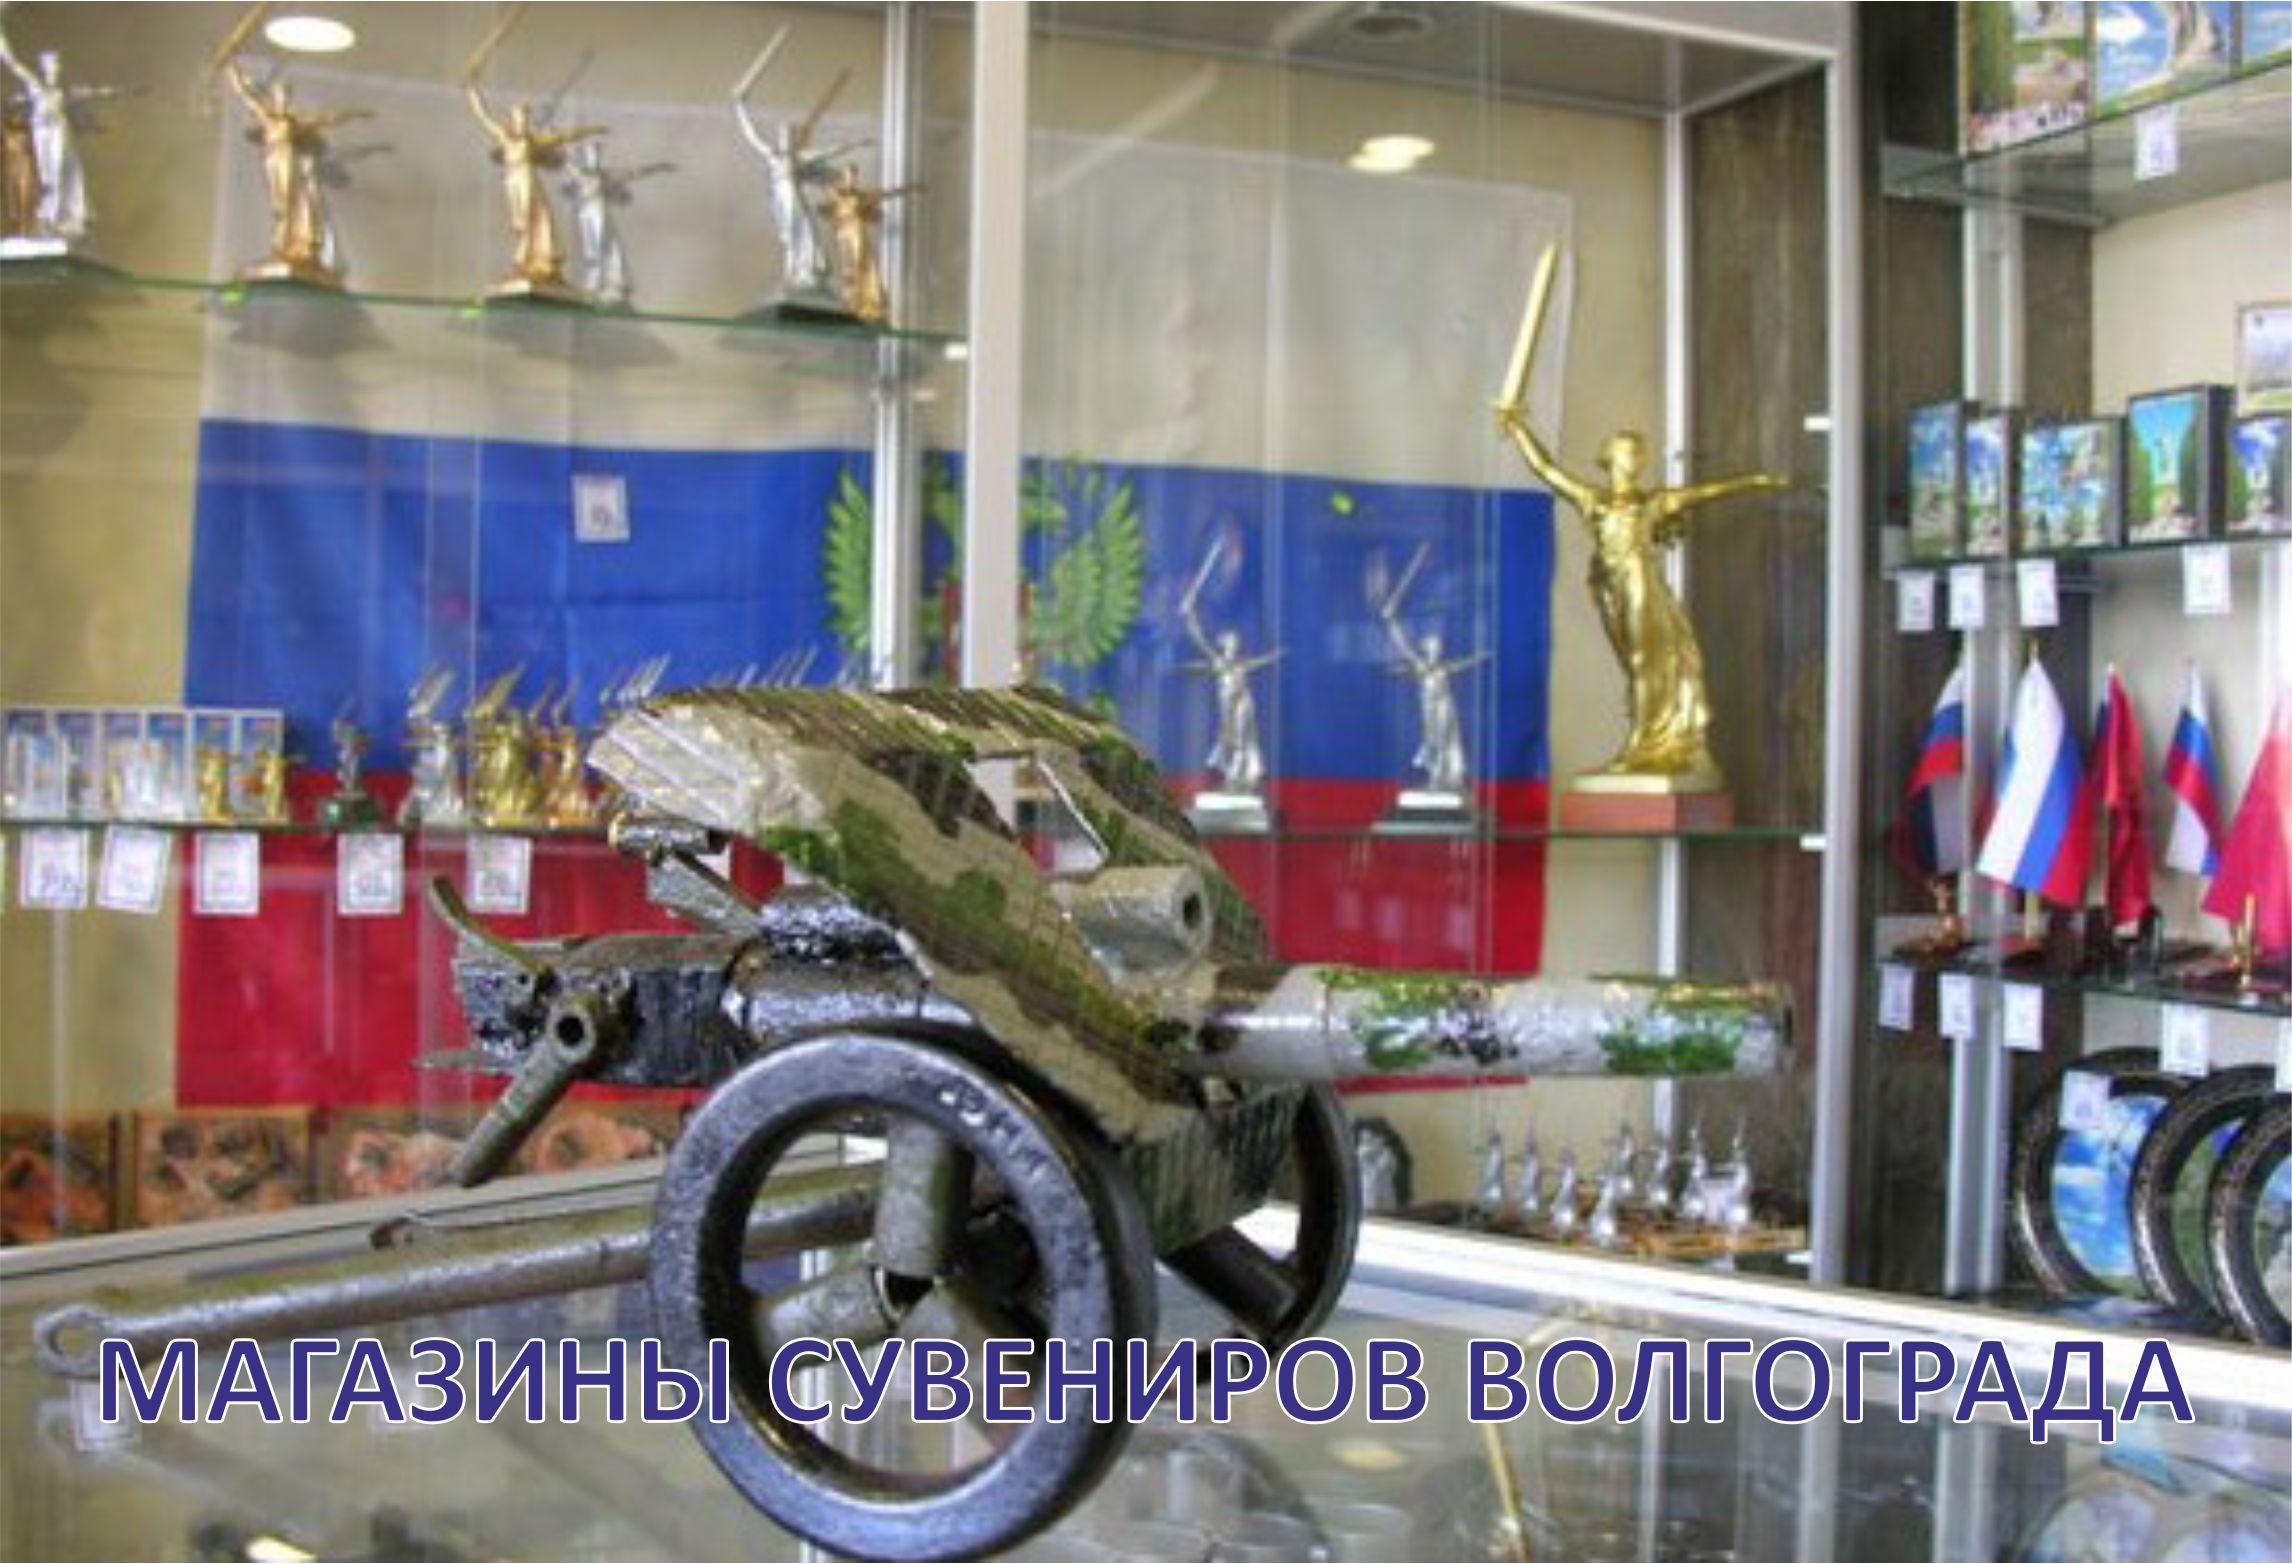 магазины сувениров волгограда